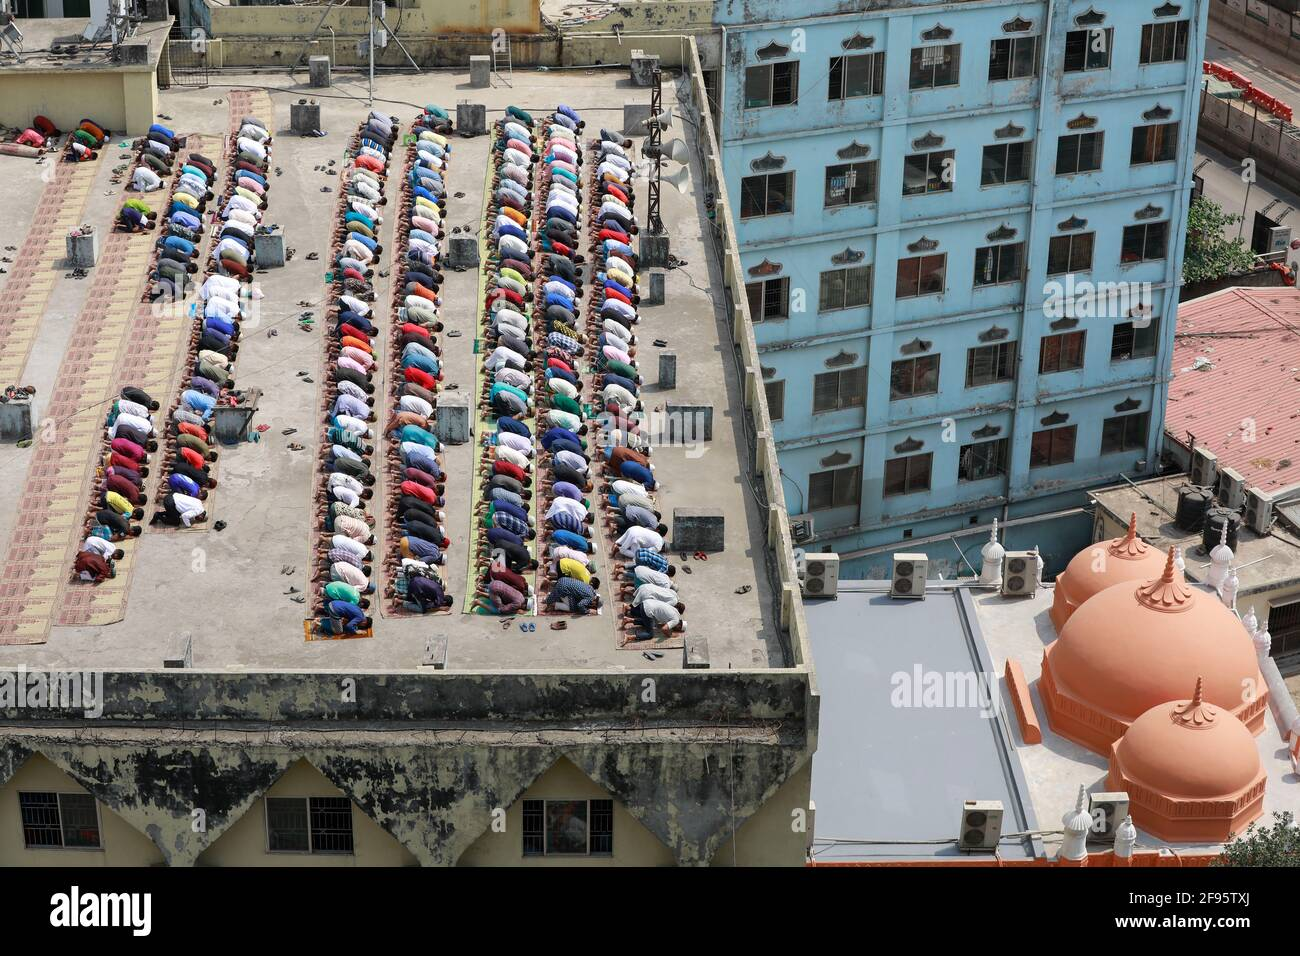 Dhaka, Bangladesh. 16 Apr 2021. La gente esegue la preghiera del venerdì durante il mese santo dei musulmani Ramadan, a Dhaka, Bangladesh, 16 aprile 2021. Il Bangladesh implementa una restrizione sociale su larga scala che include un protocollo rigoroso per tenere la preghiera comune come indossare la maschera facciale, fornendo disinfettante, distanza fisica per prevenire la diffusione di COVID-19. Credit: Suvra Kanti Das/ZUMA Wire/Alamy Live News Foto Stock